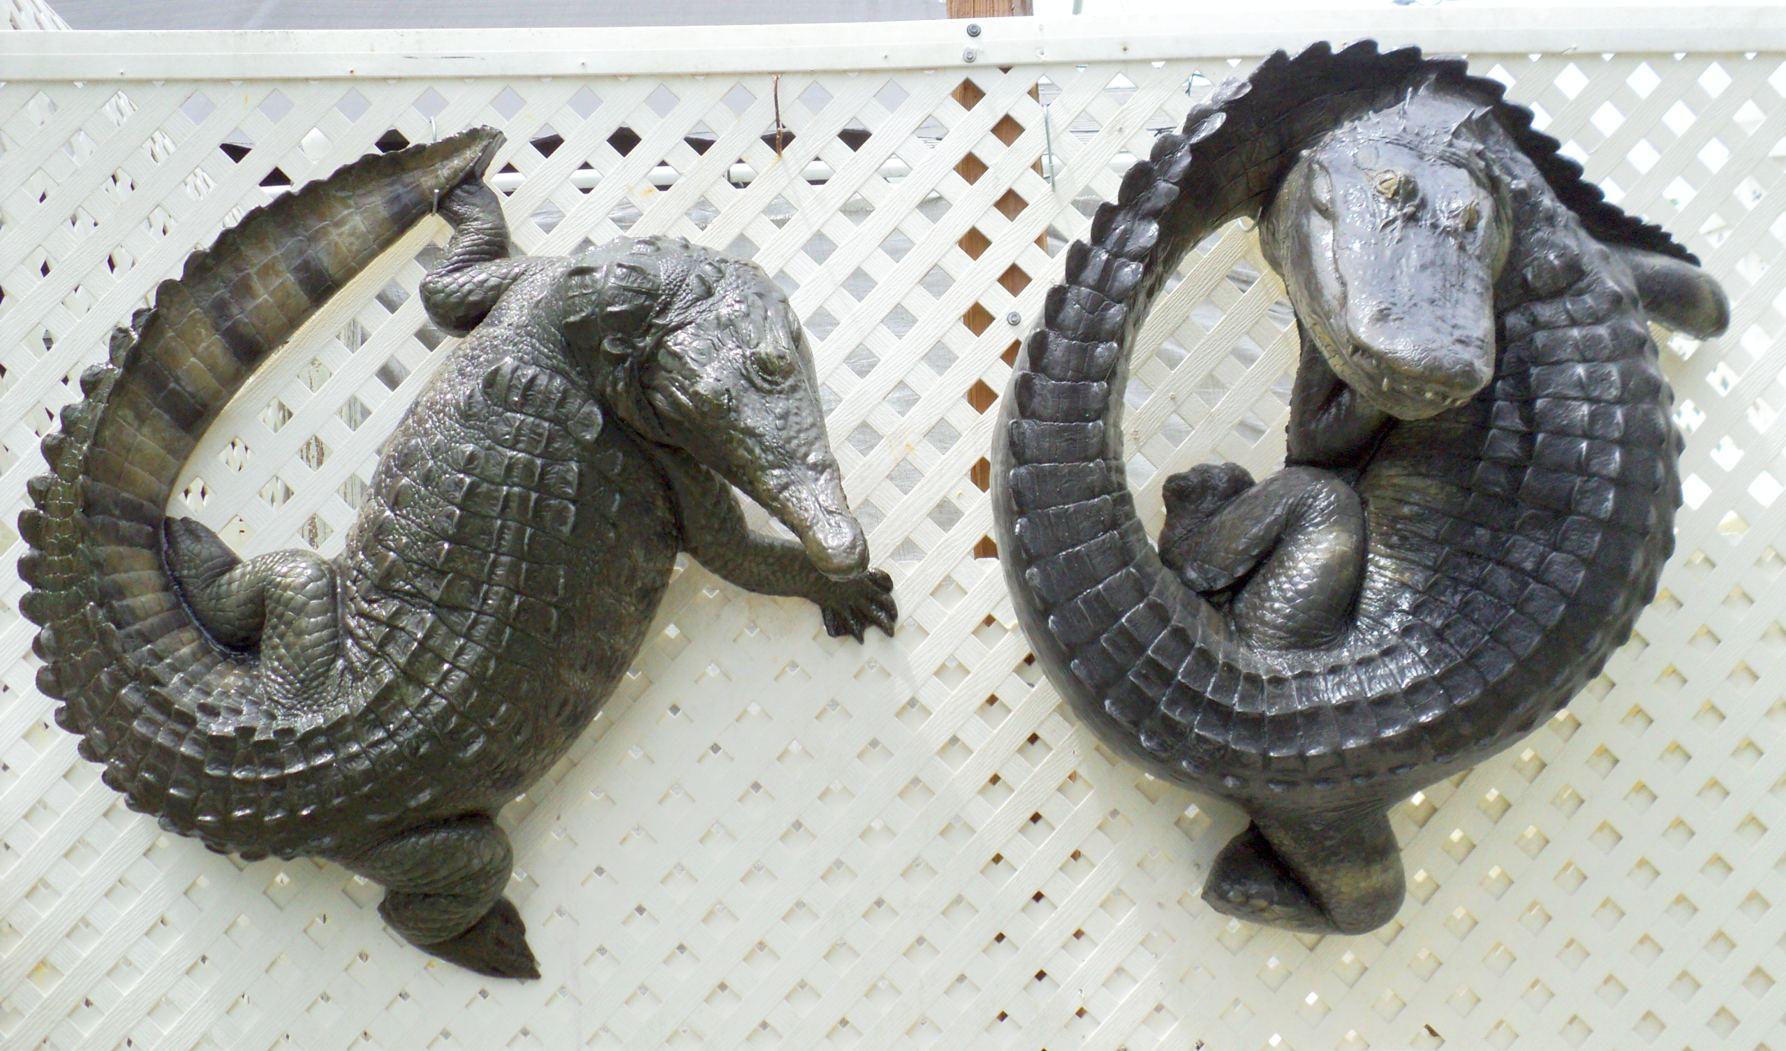 alligators crockadiles